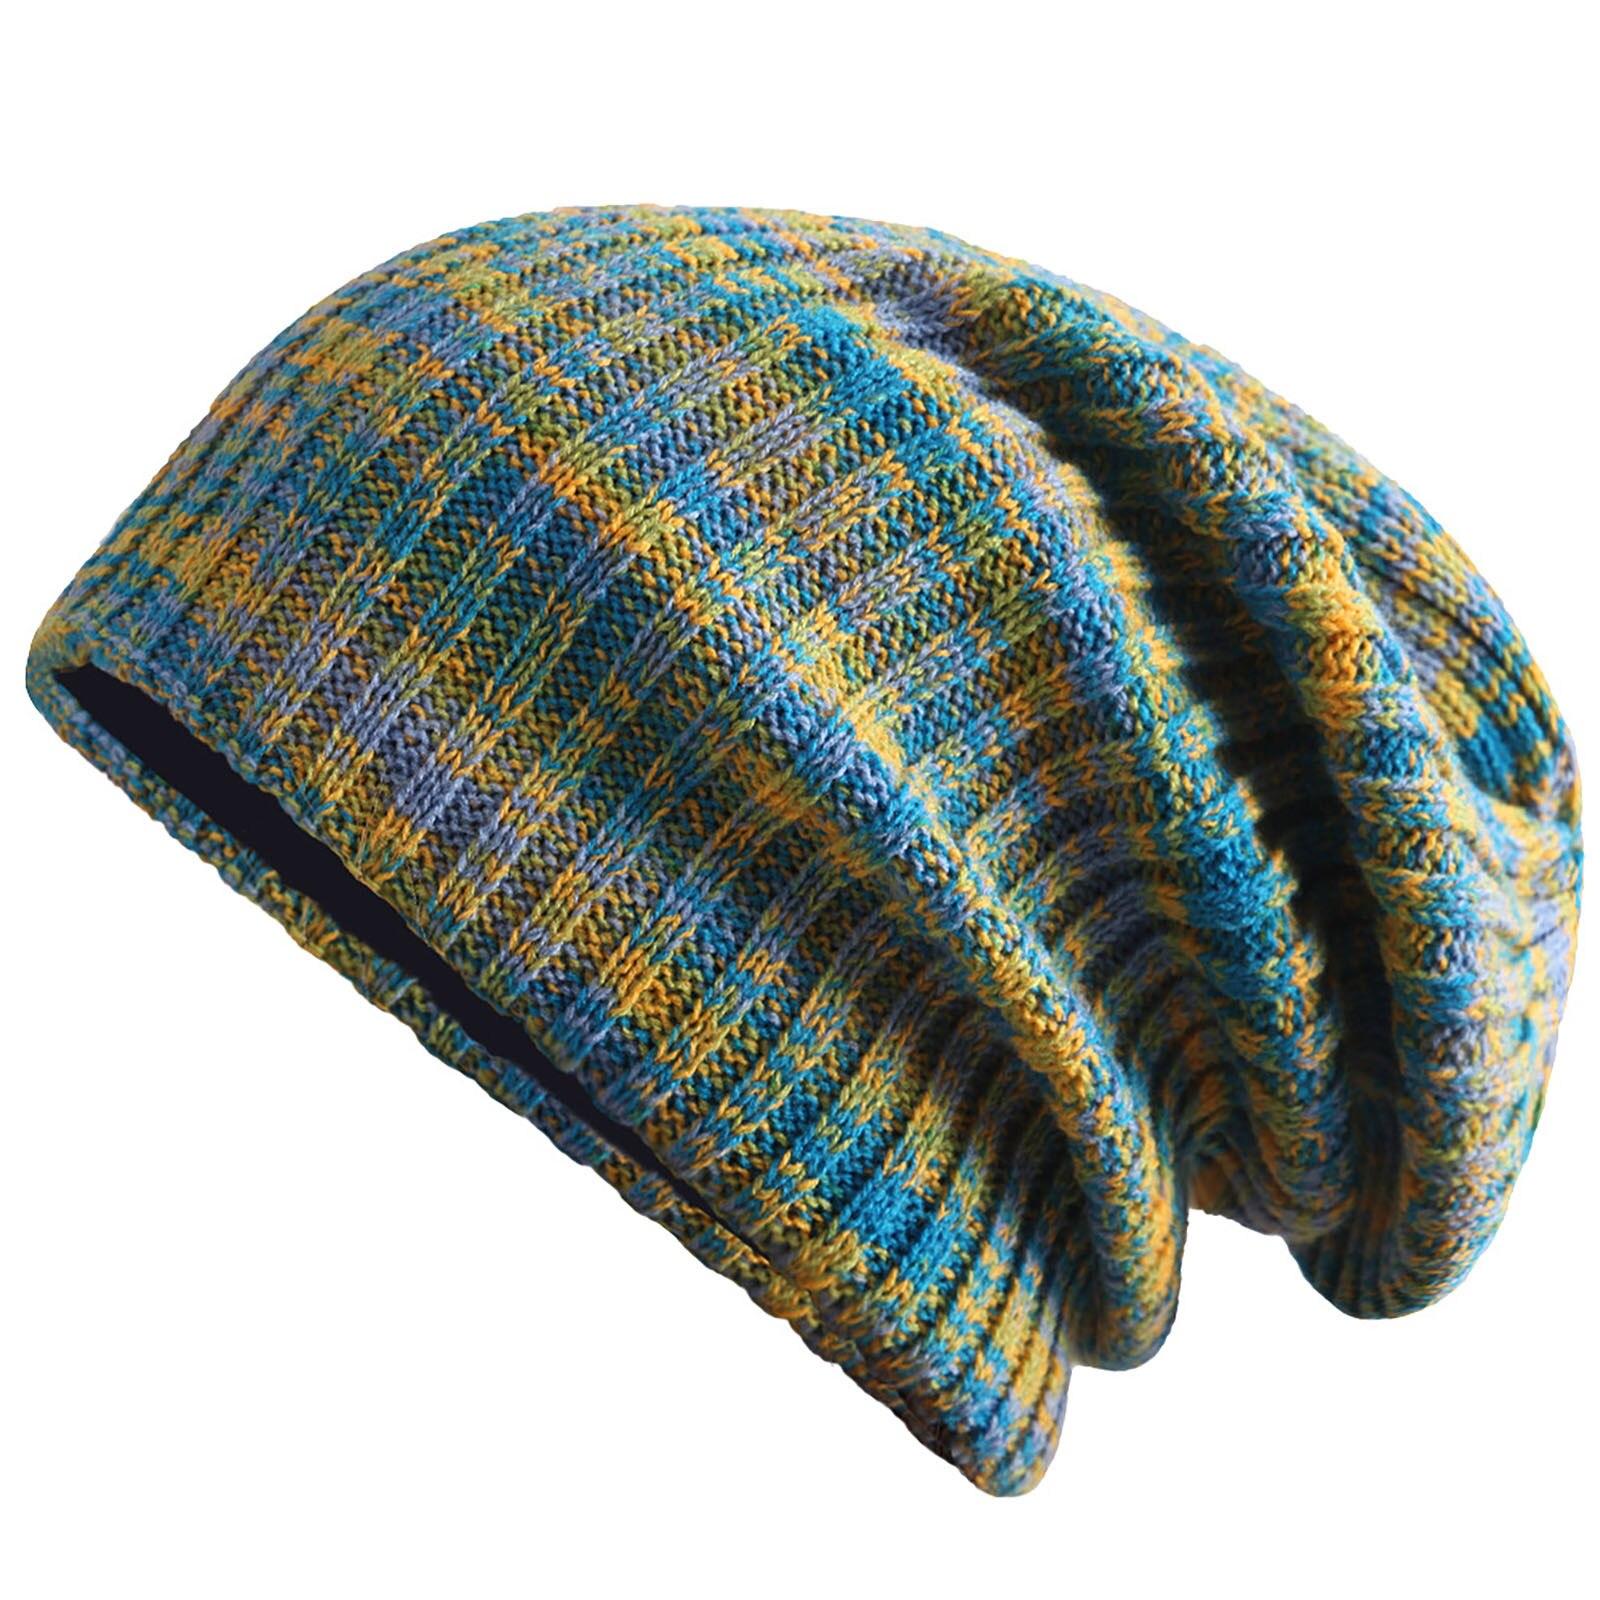 ユニセックスファッション暖かい冬のカジュアルニット帽子ミックスカラーすべてマッチ厚みの帽子冬暖かいストレッチニットビーニー帽子防風キャップ